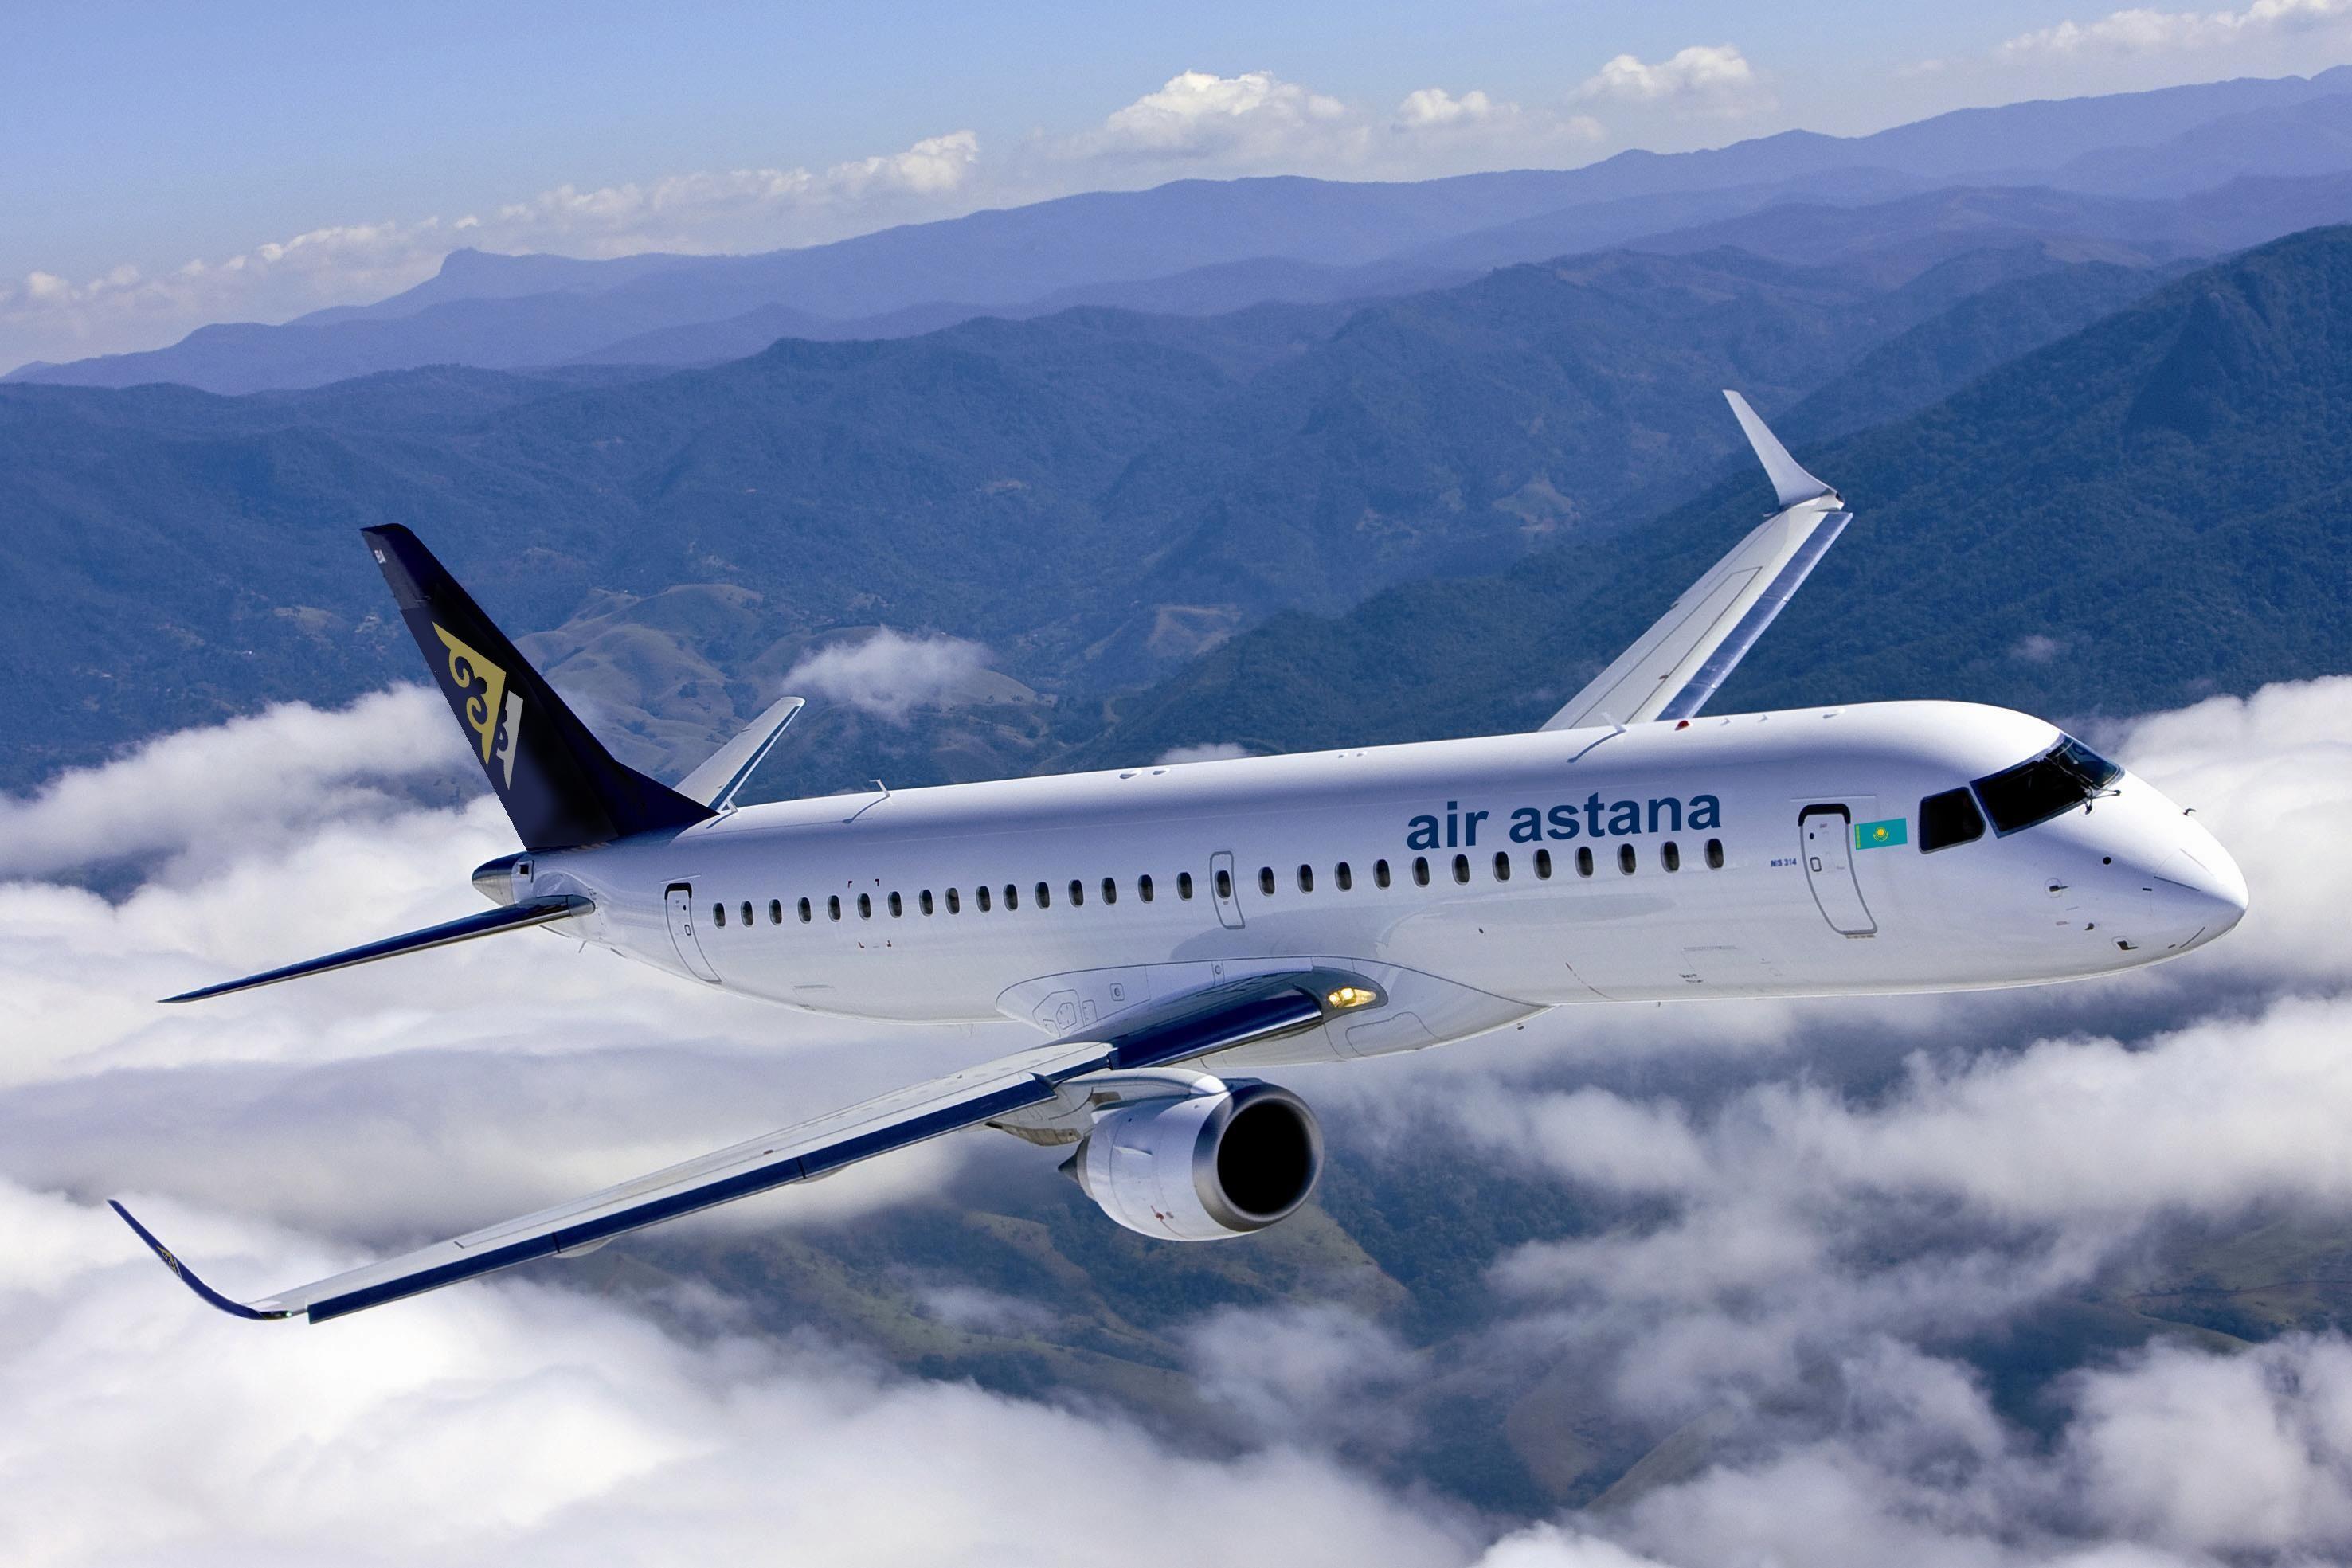 Эйр Астана заняла 43 место в мировом рейтинге авиакомпаний- Kapital.kz